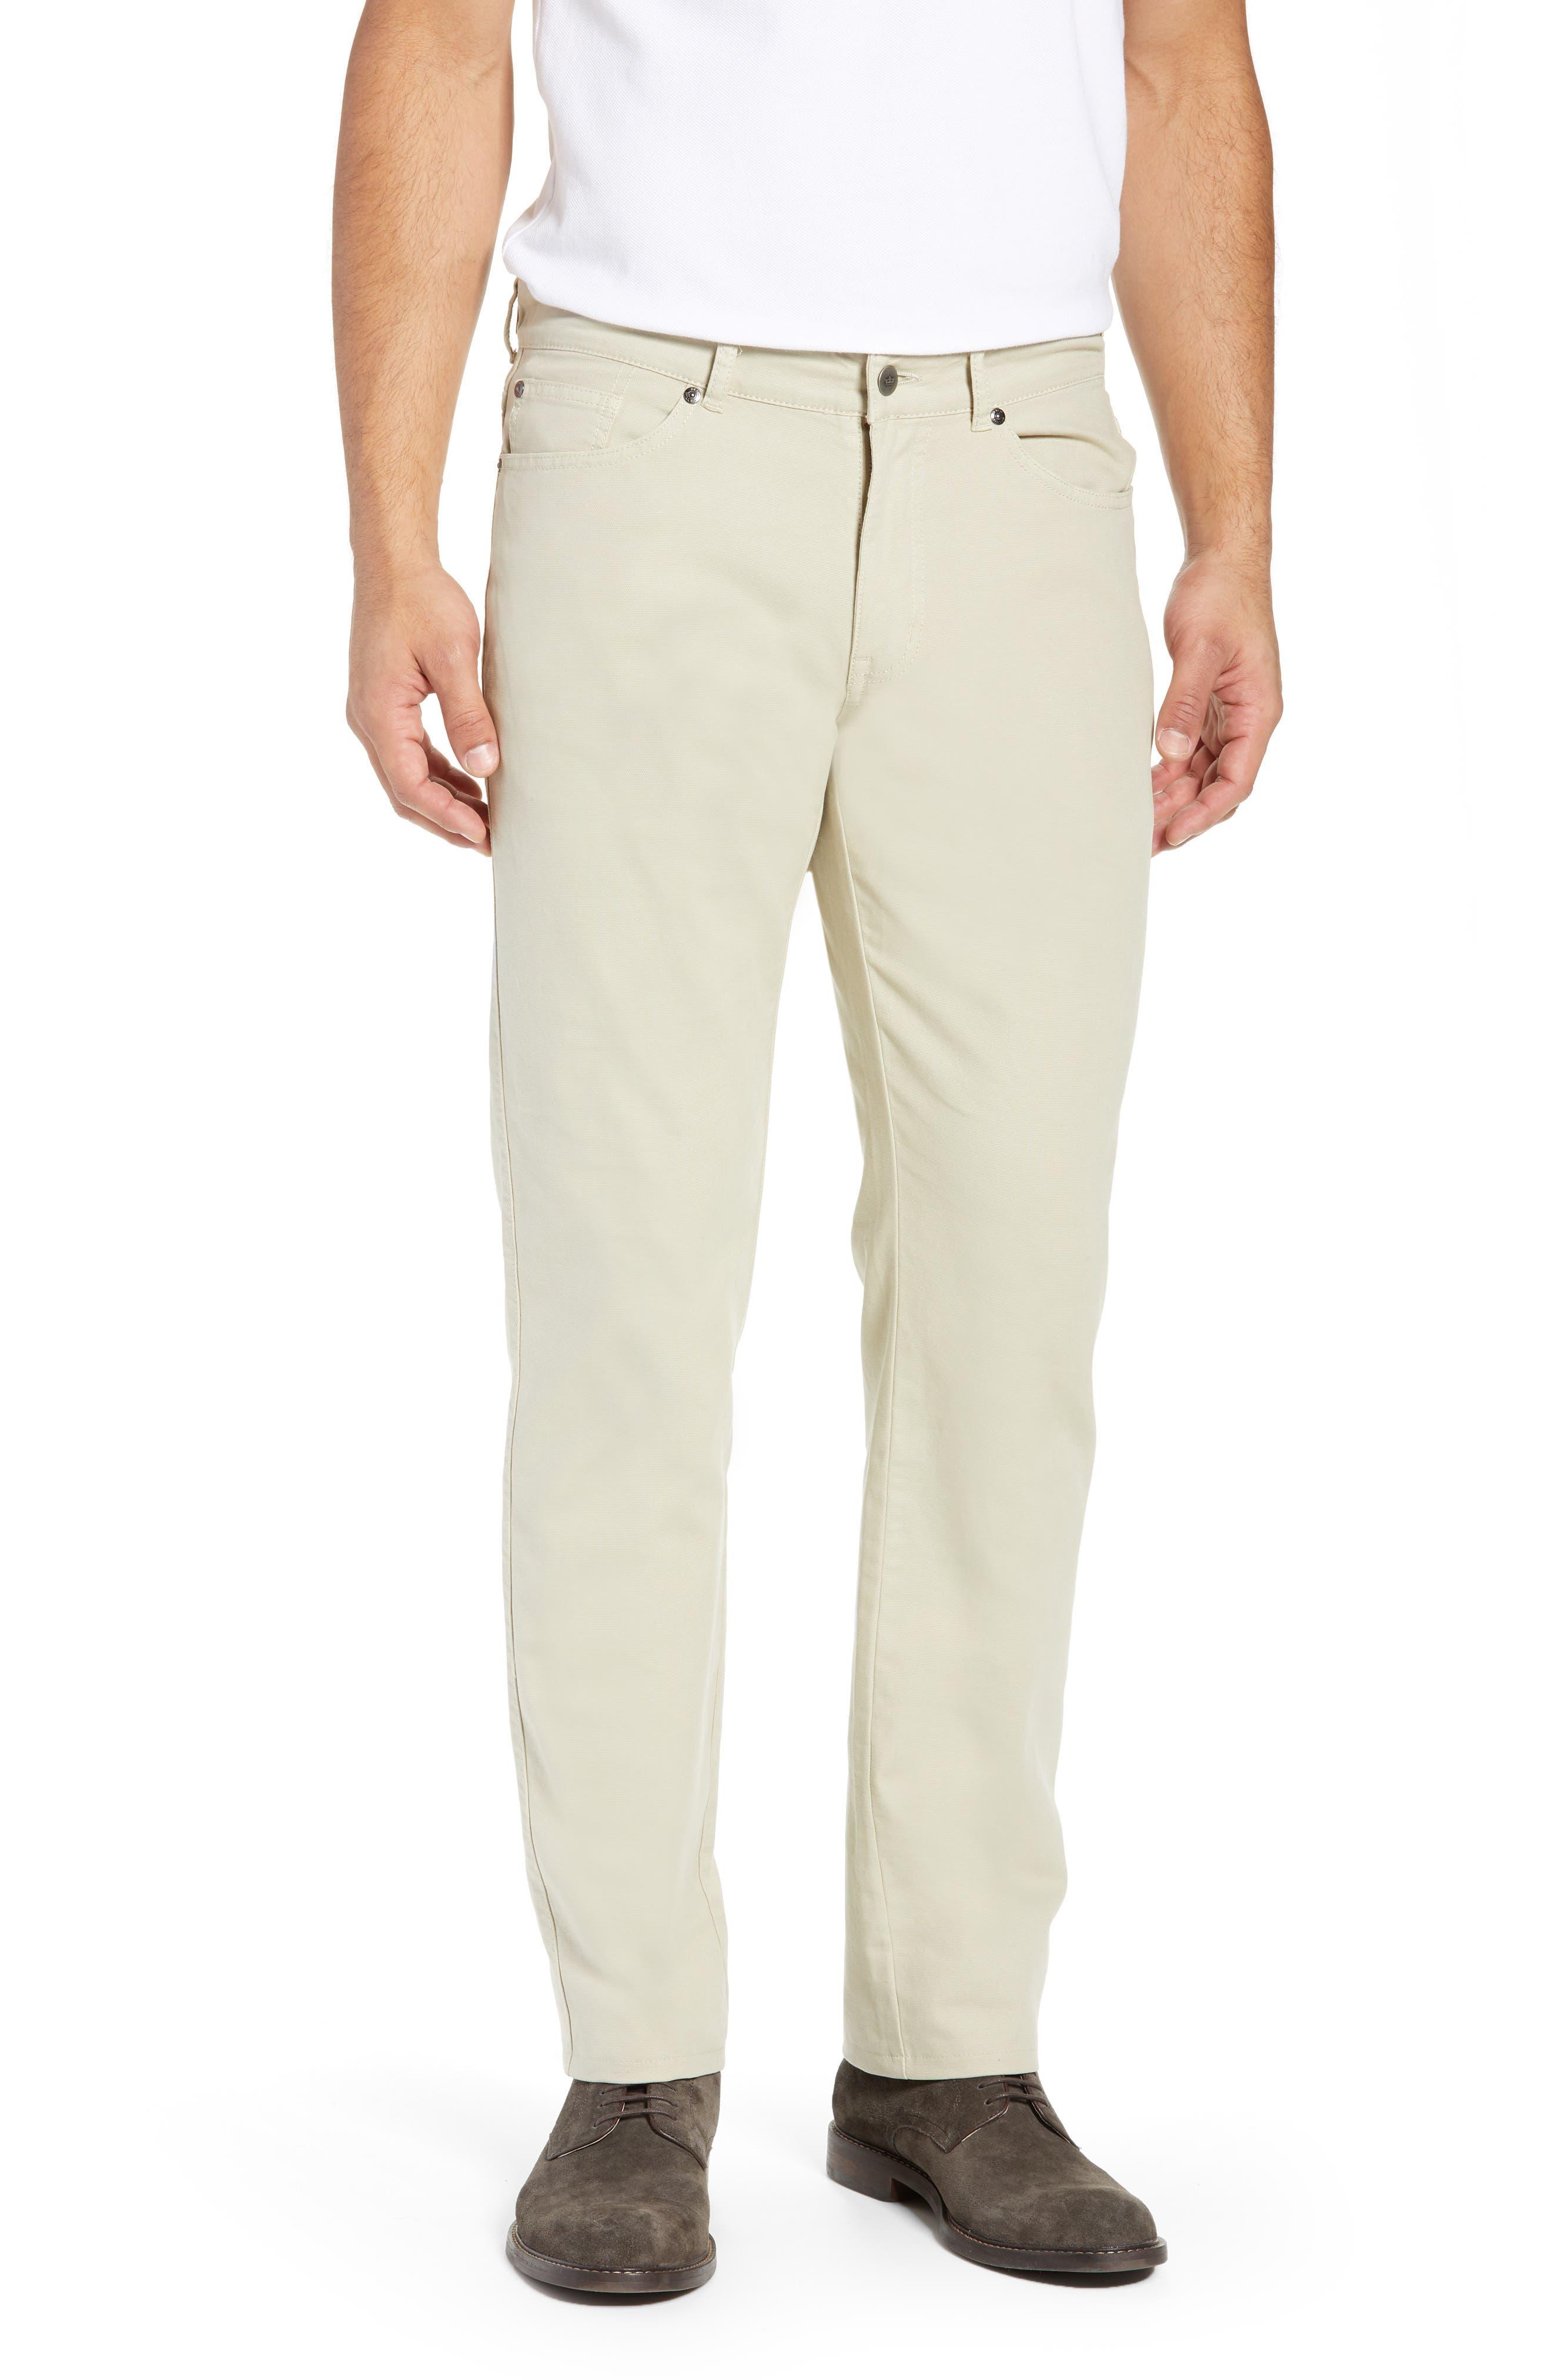 Crown Vintage Canvas Pants,                         Main,                         color, STONE